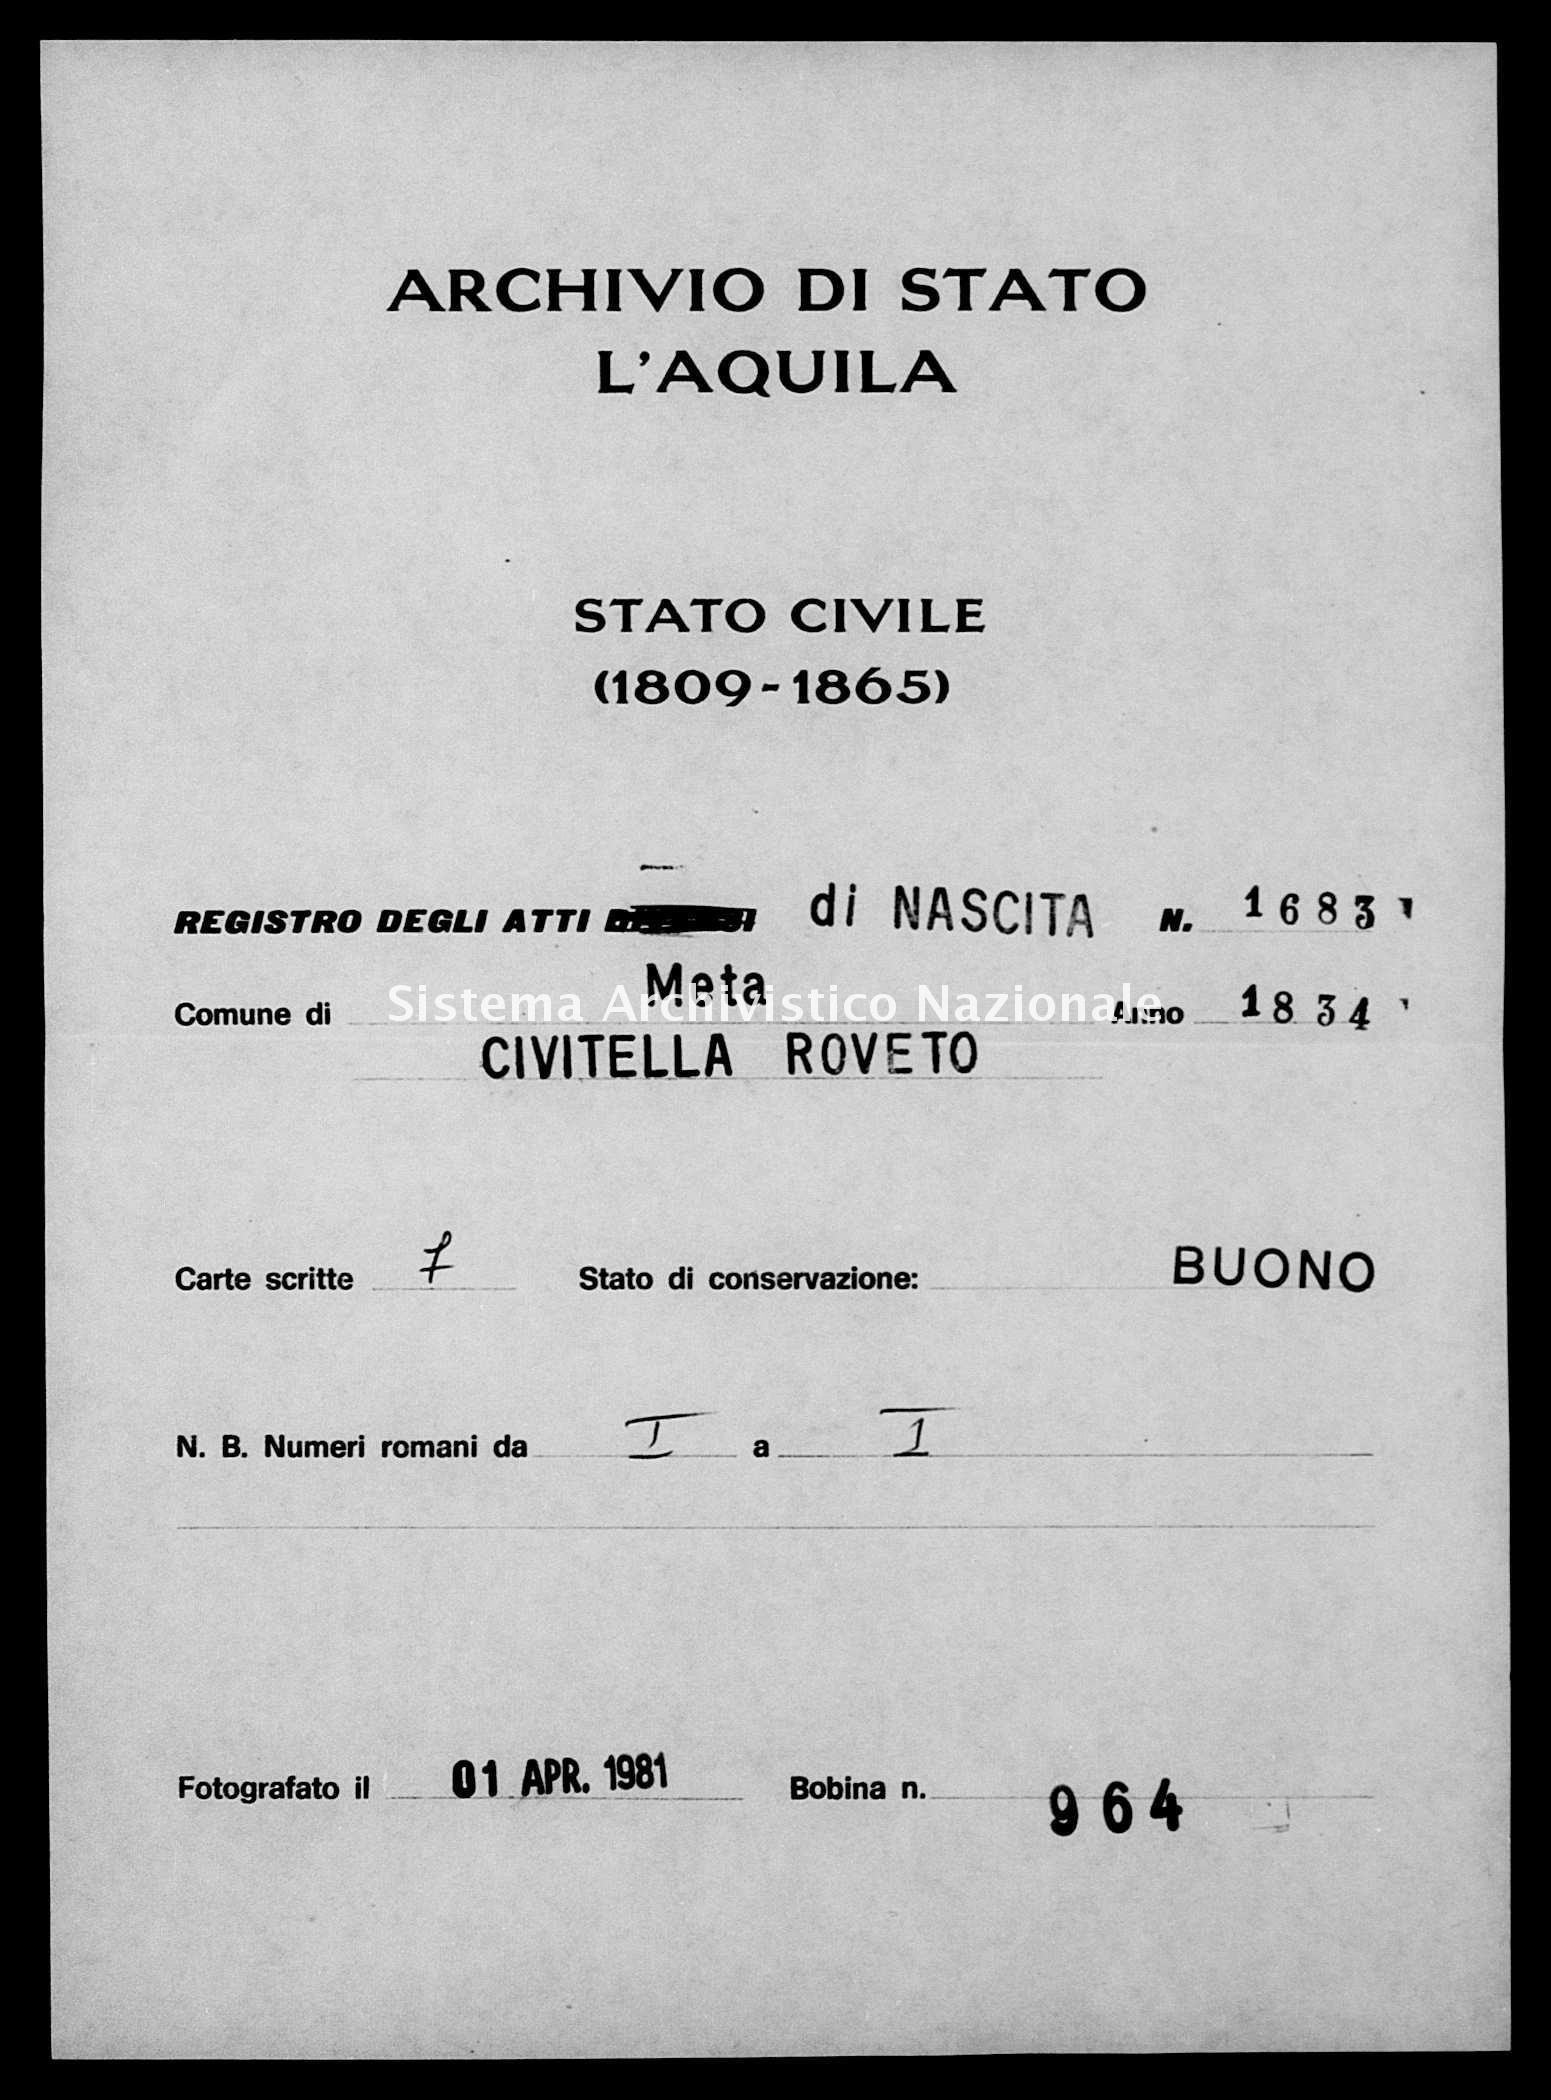 Archivio di stato di L'aquila - Stato civile della restaurazione - Meta - Nati - 1834 - 1683 -